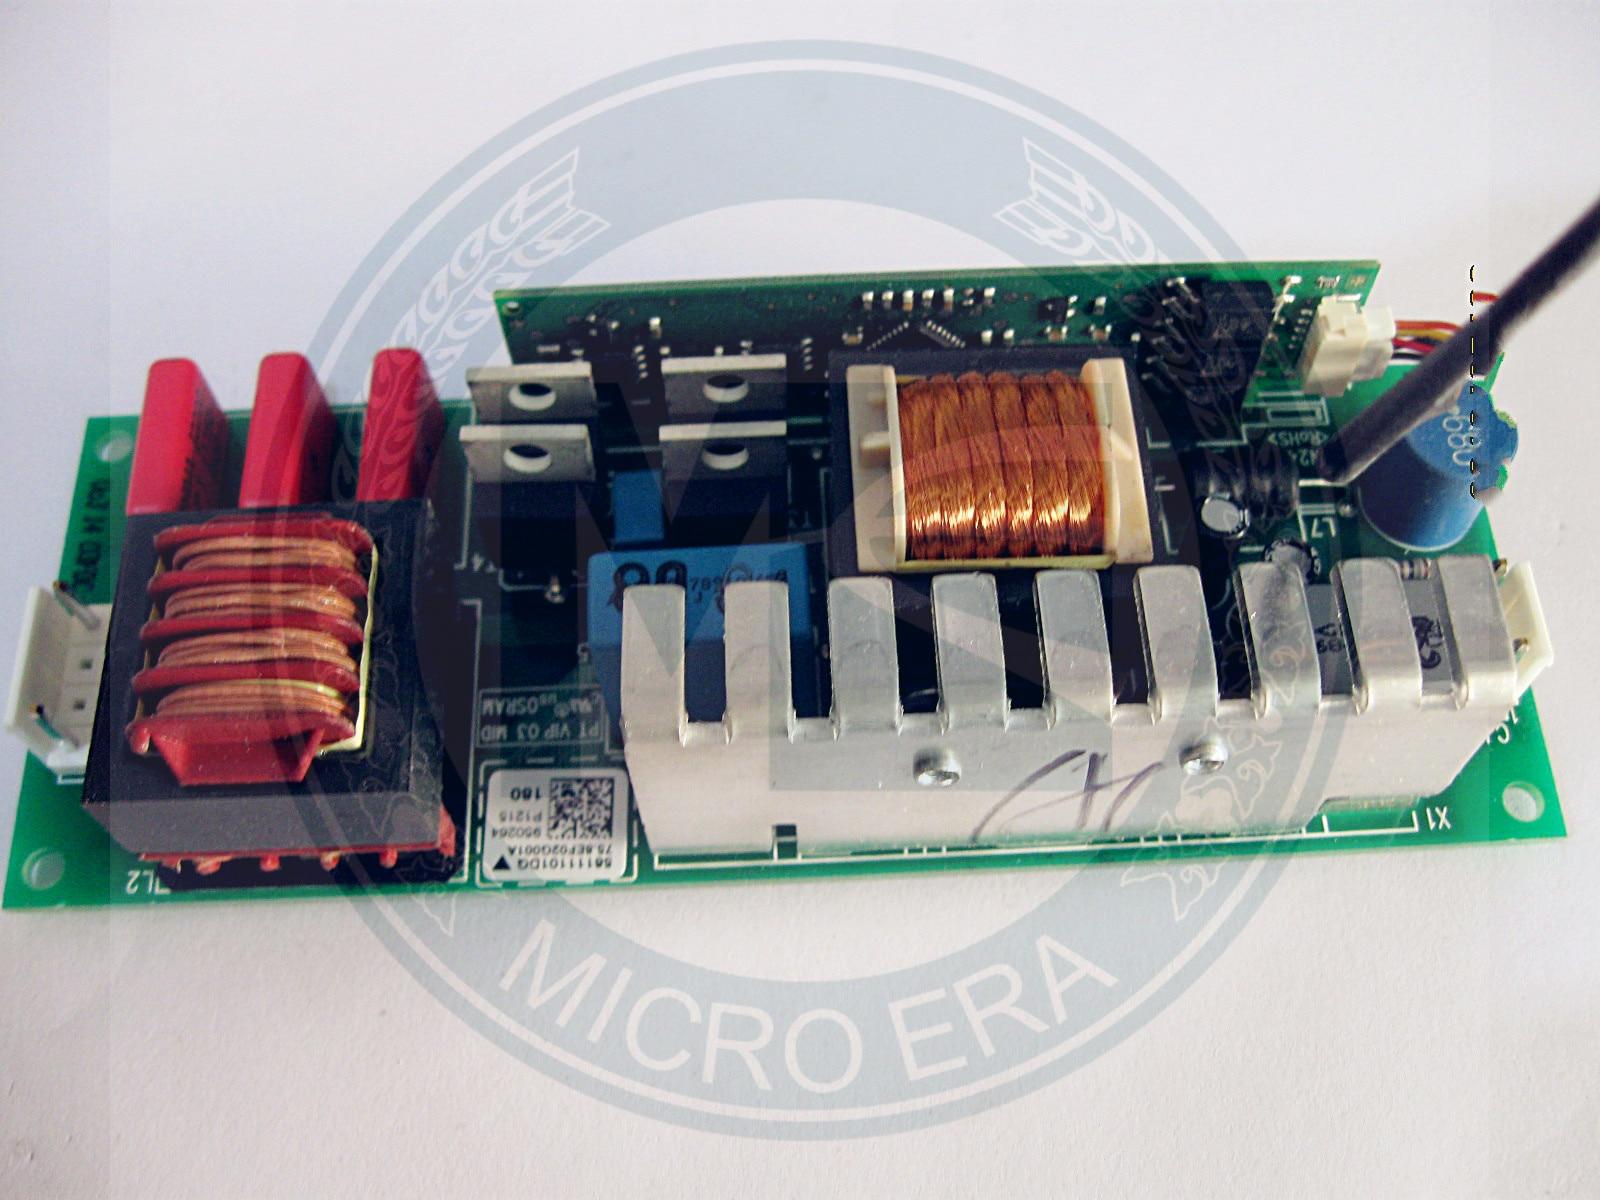 схема блока питания жк монитора асер 1716